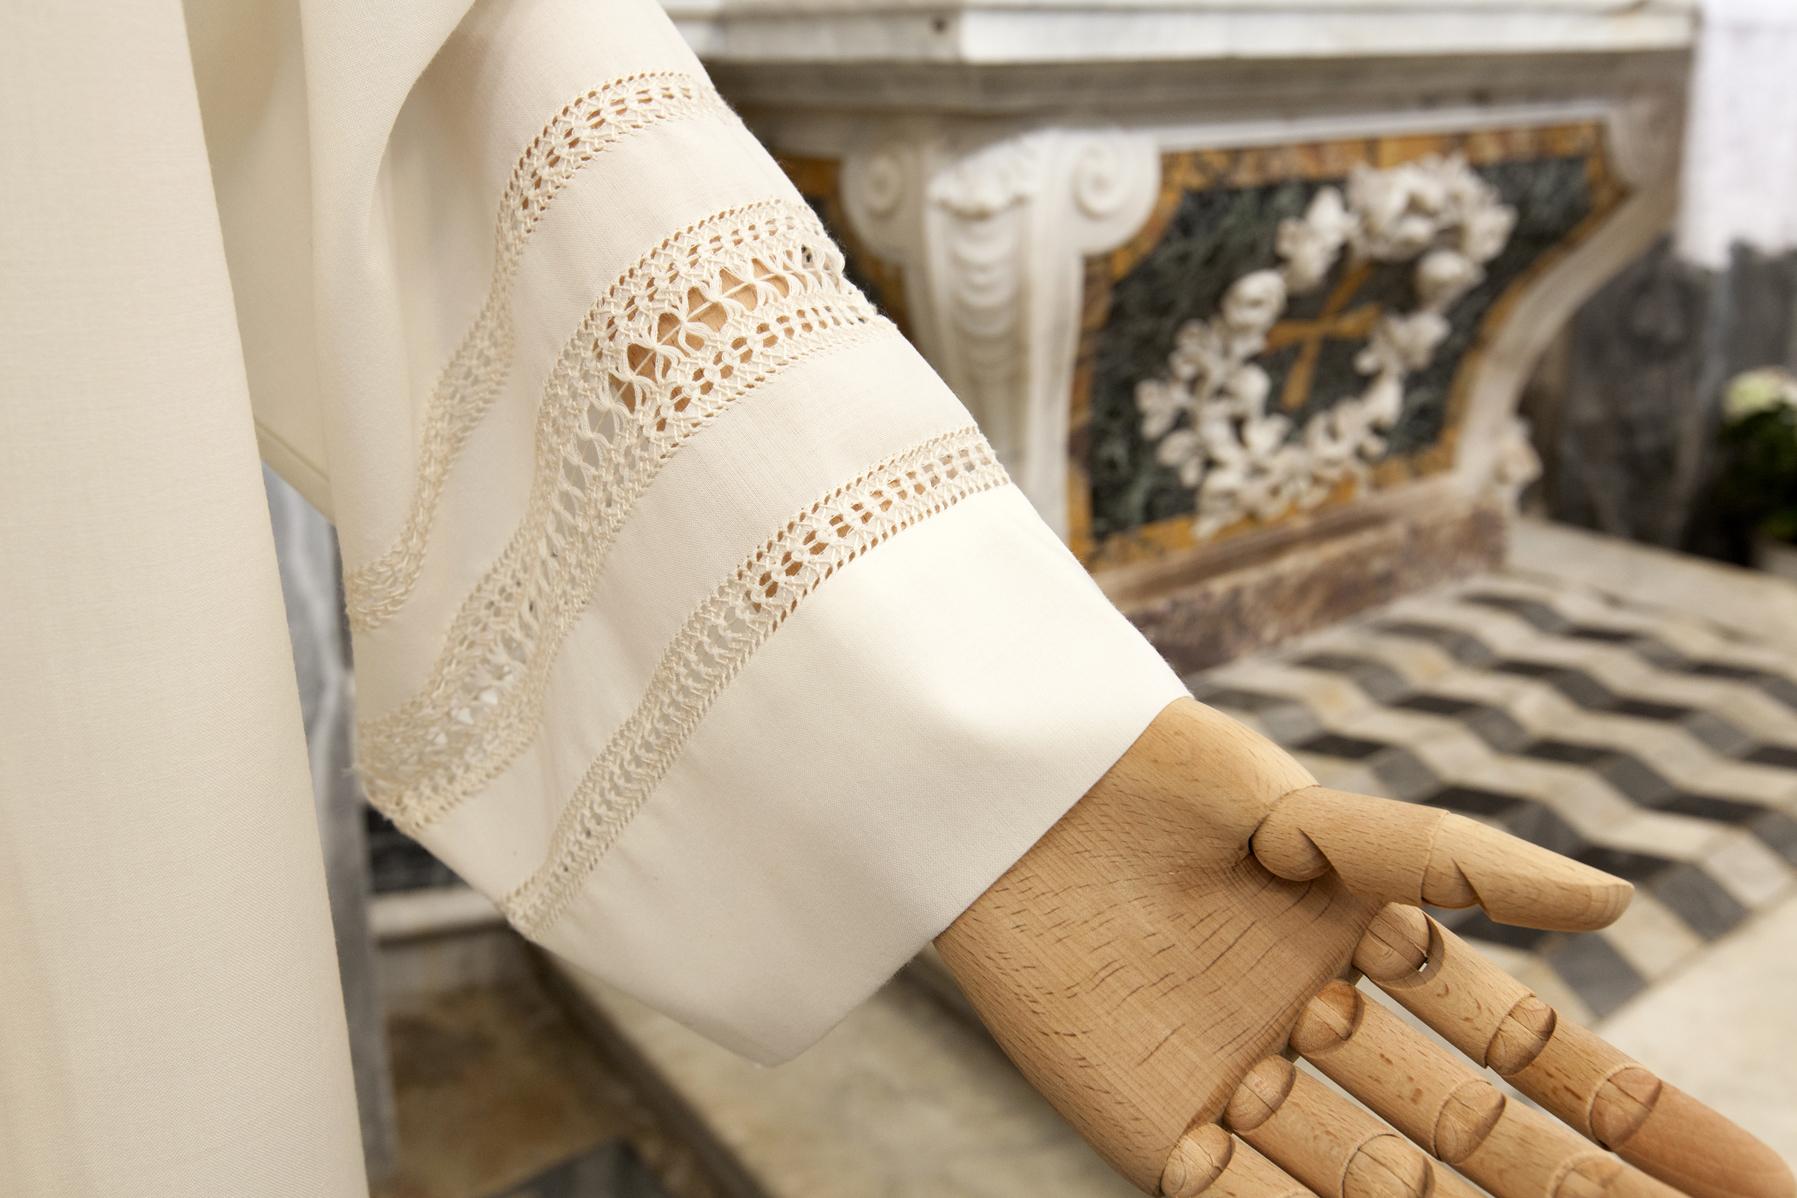 Camice sacerdotale con gigliuccio